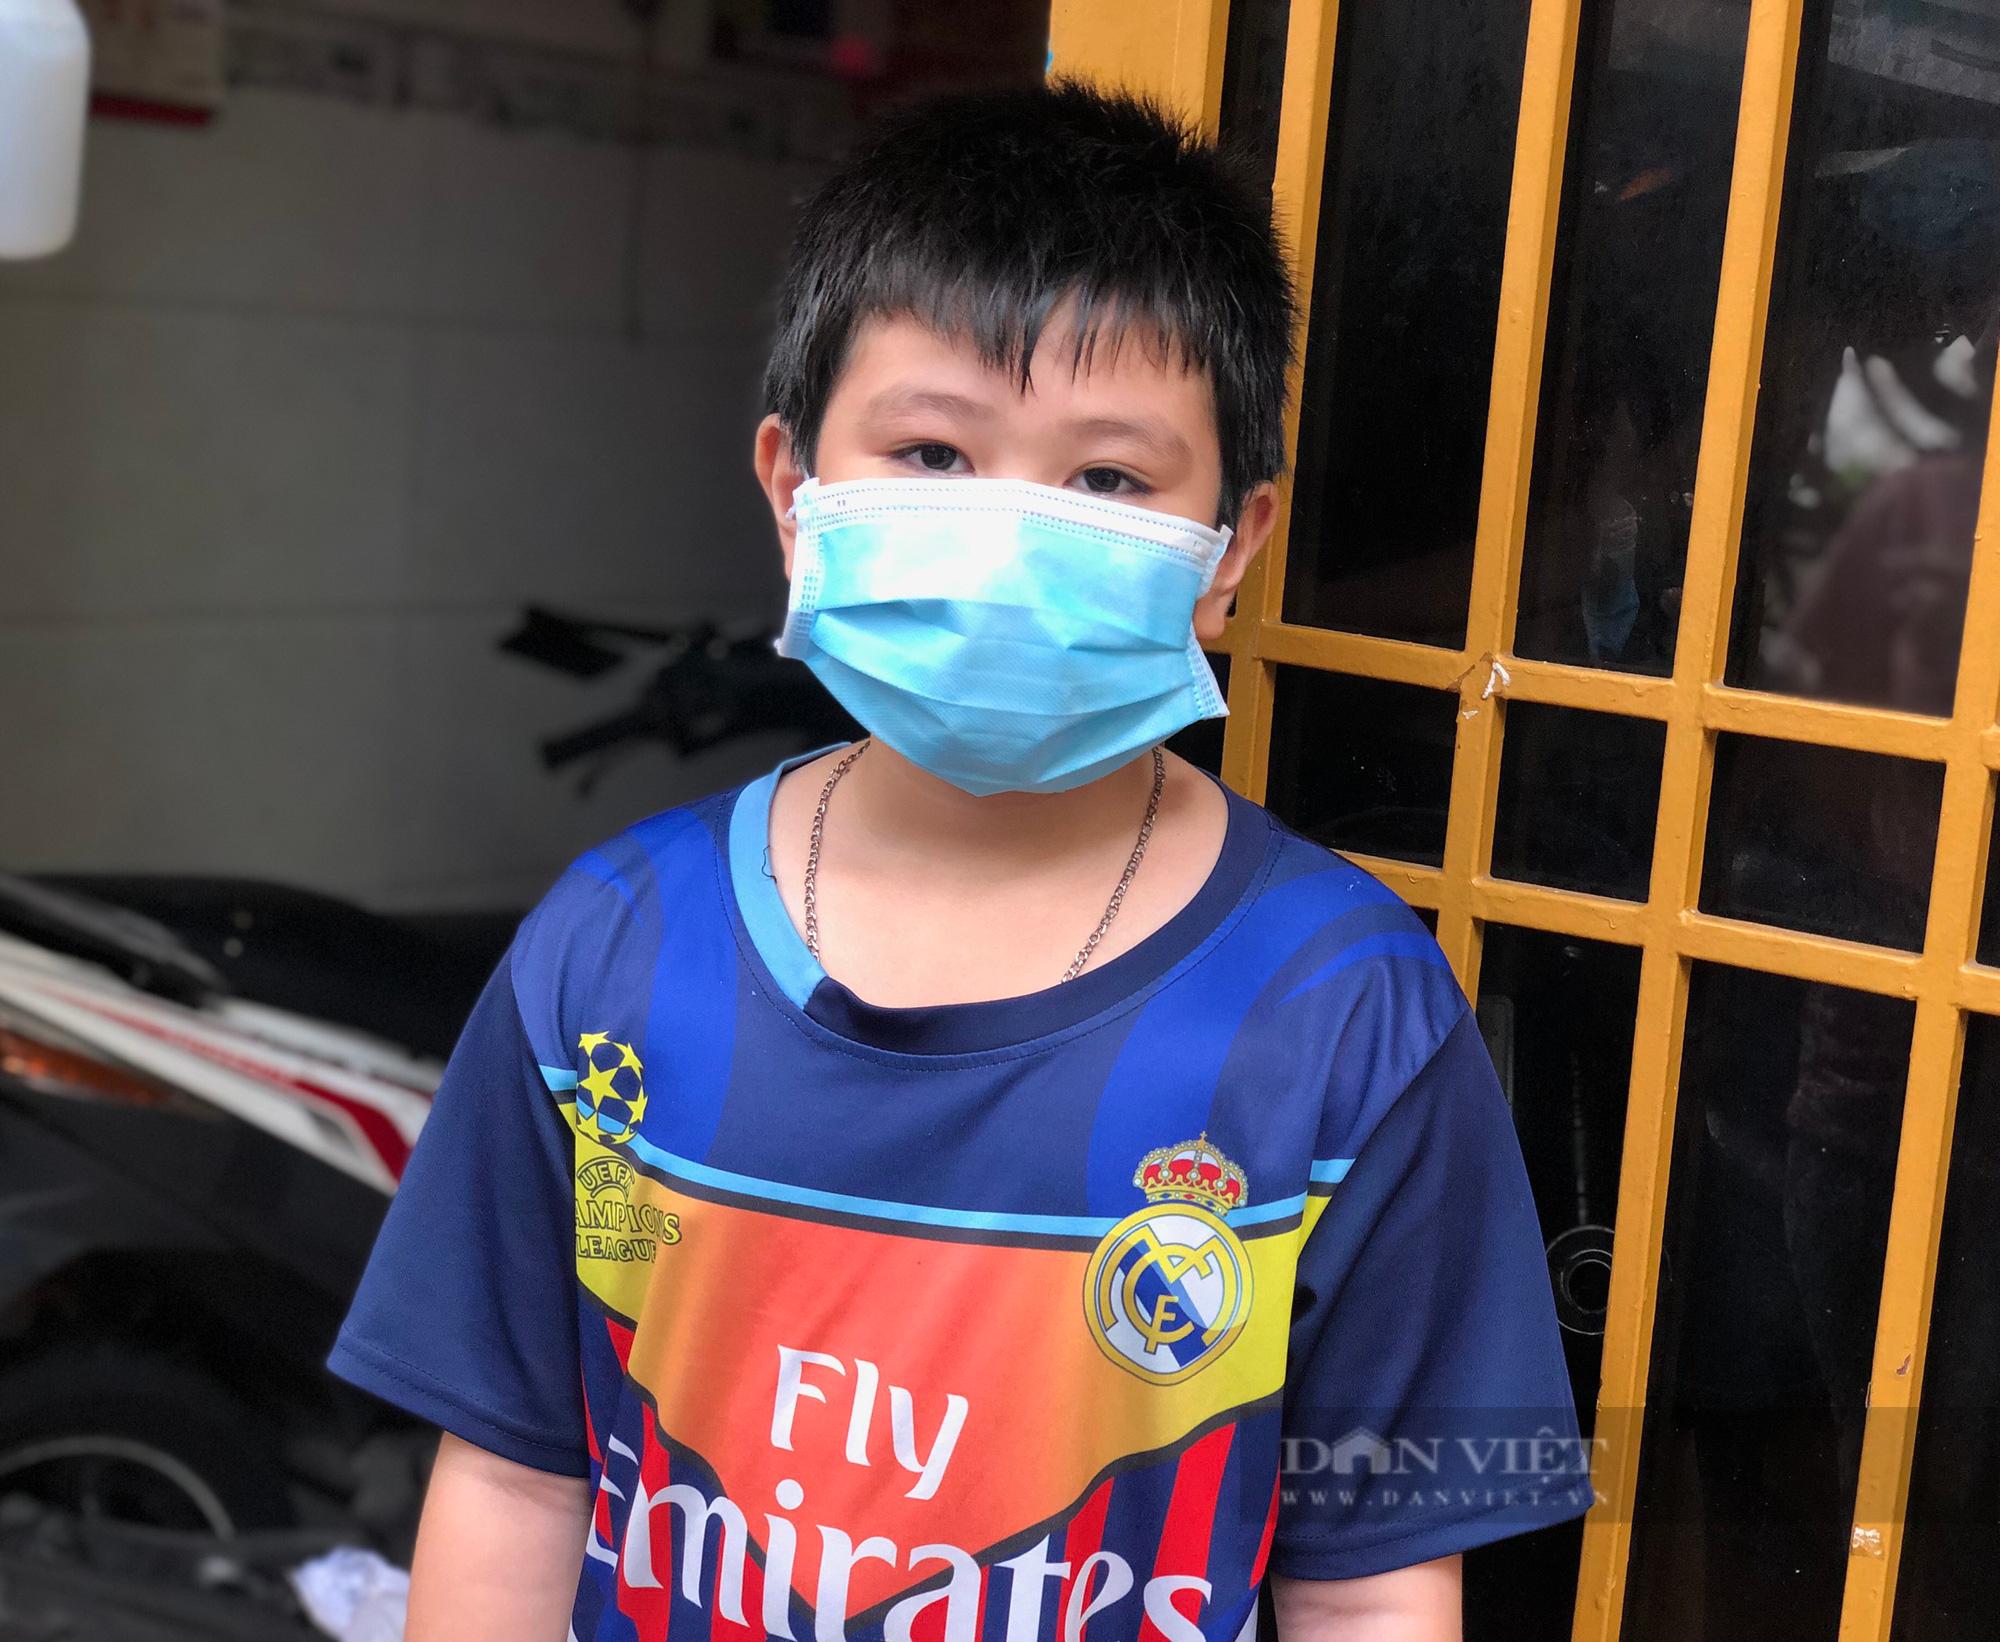 Những đứa trẻ trong đại dịch Covid-19: Nỗi đau chồng chất nỗi đau - Ảnh 1.